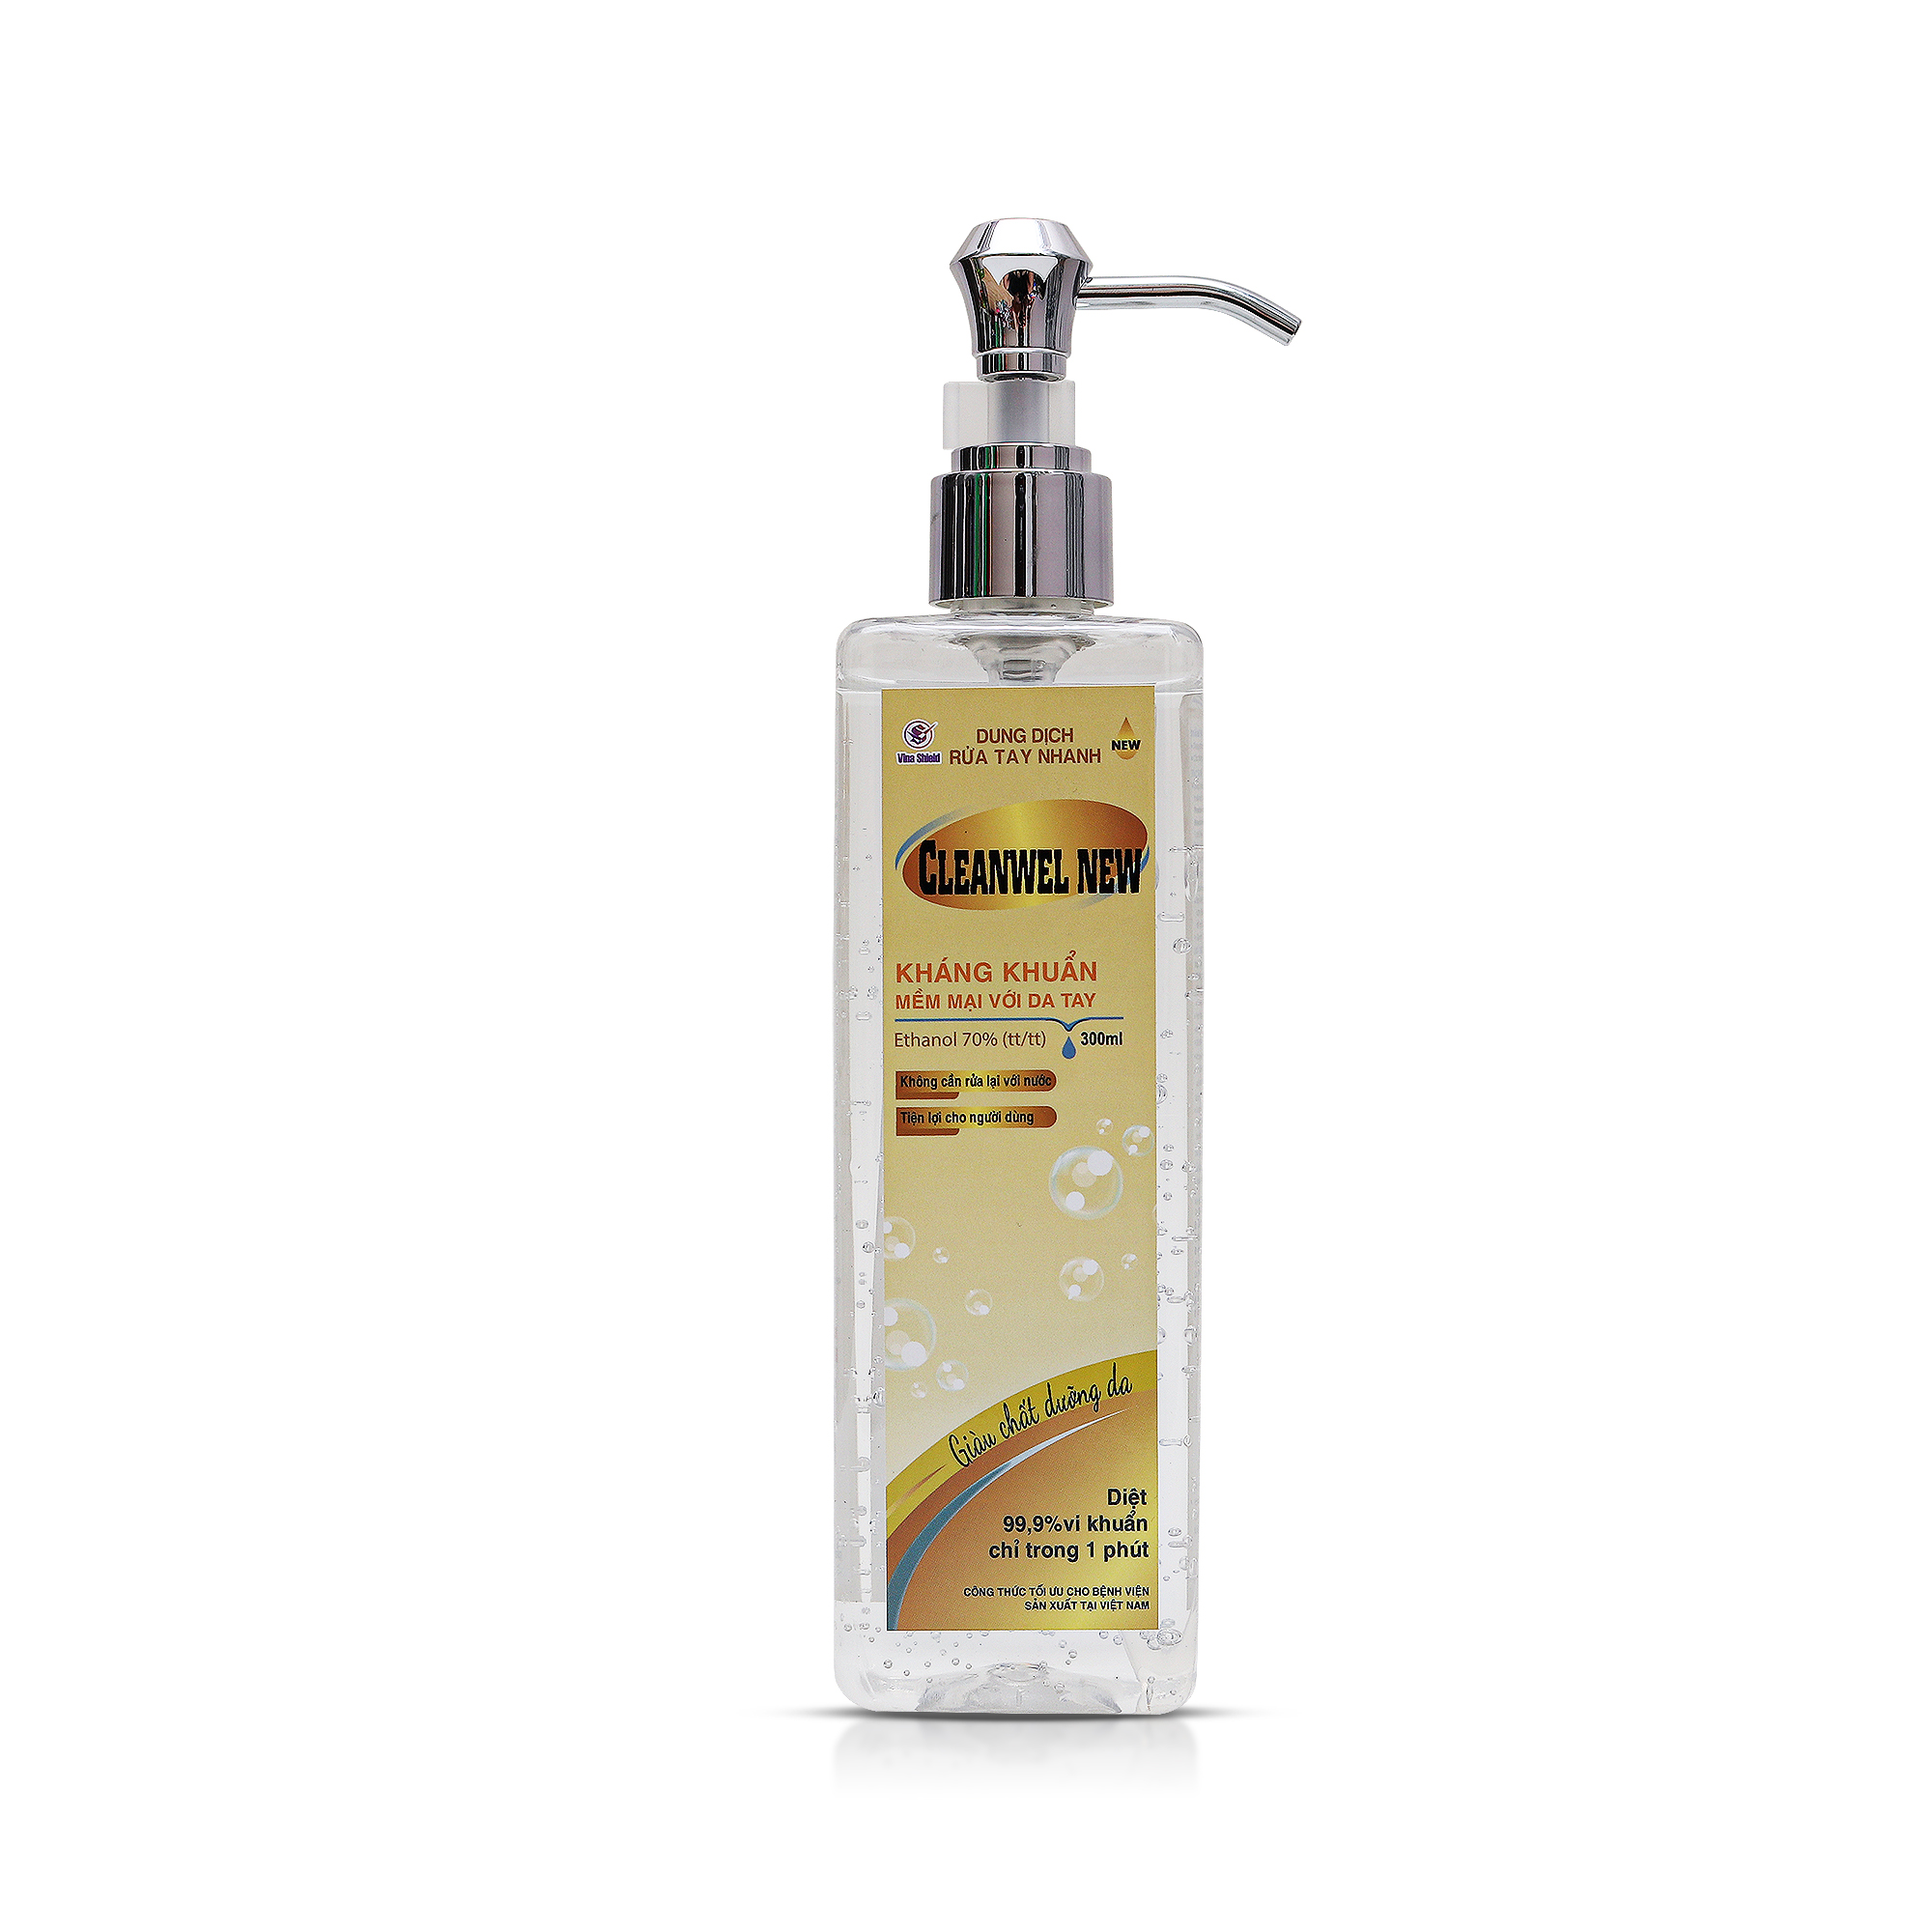 Dung dịch sát khuẩn tay nhanh CLEANWEL NEW Luxury - Chai 300 ml Vòi xi bạc có khóa